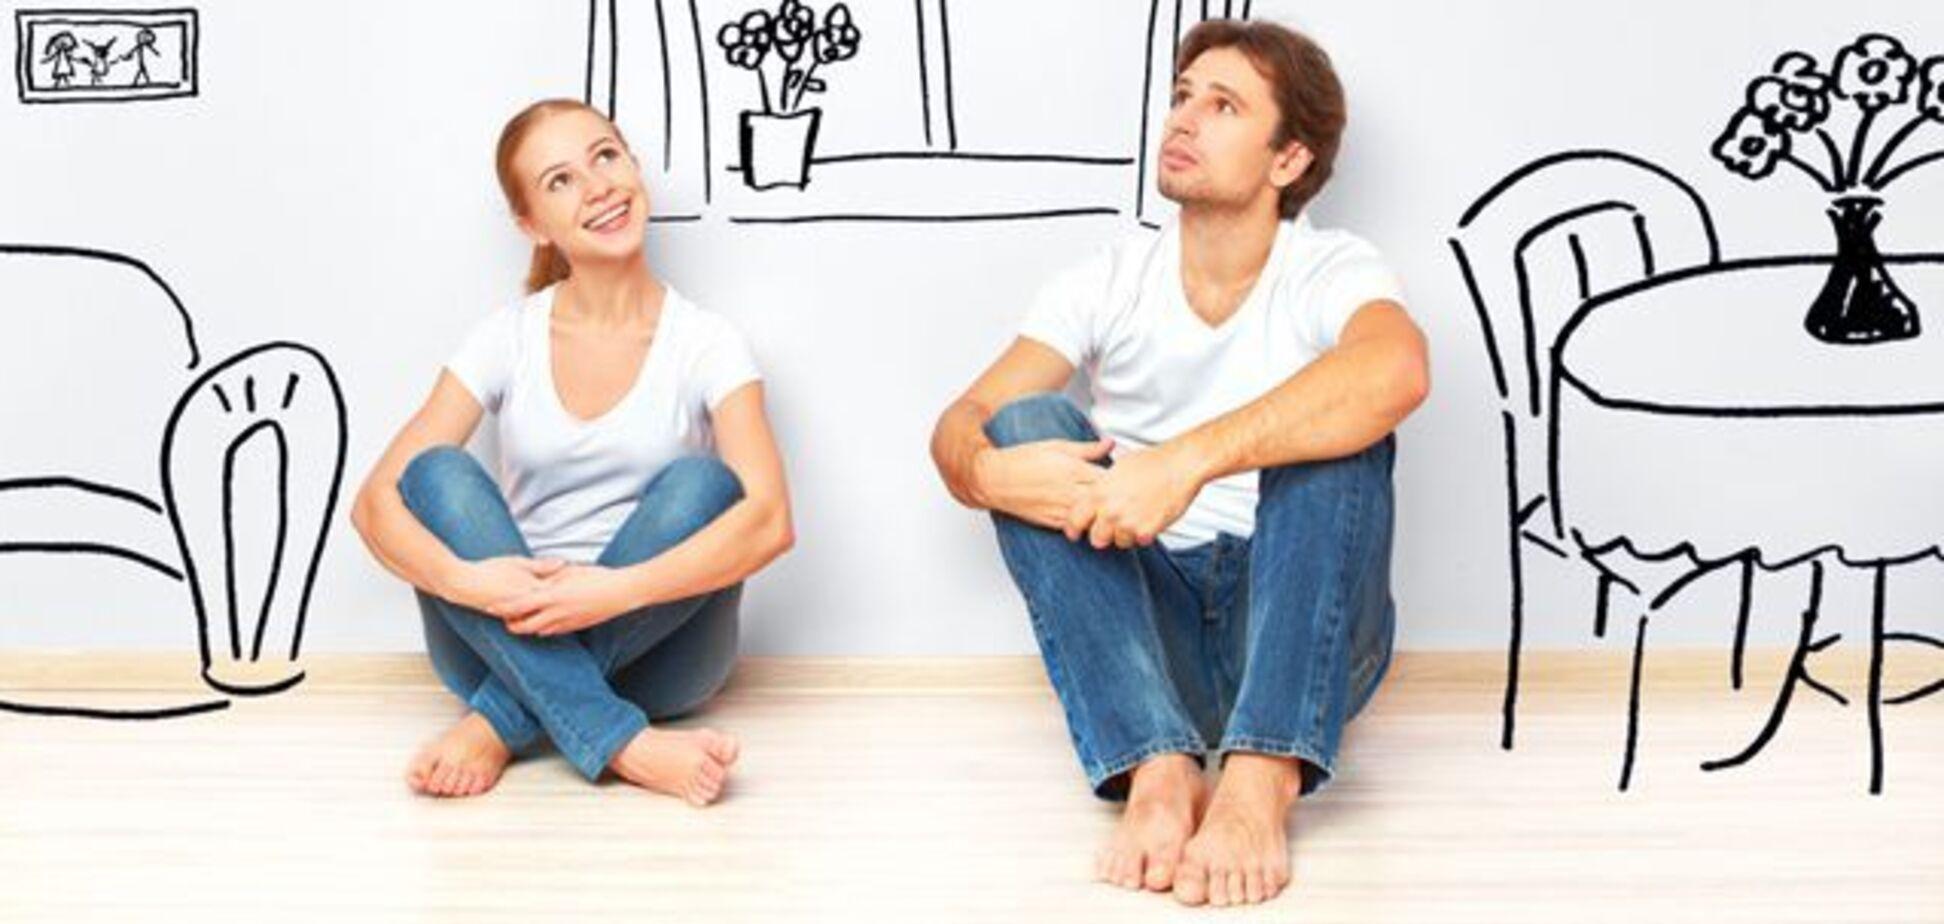 Отсутствие жилья и развод: связь, которую государство способно разорвать